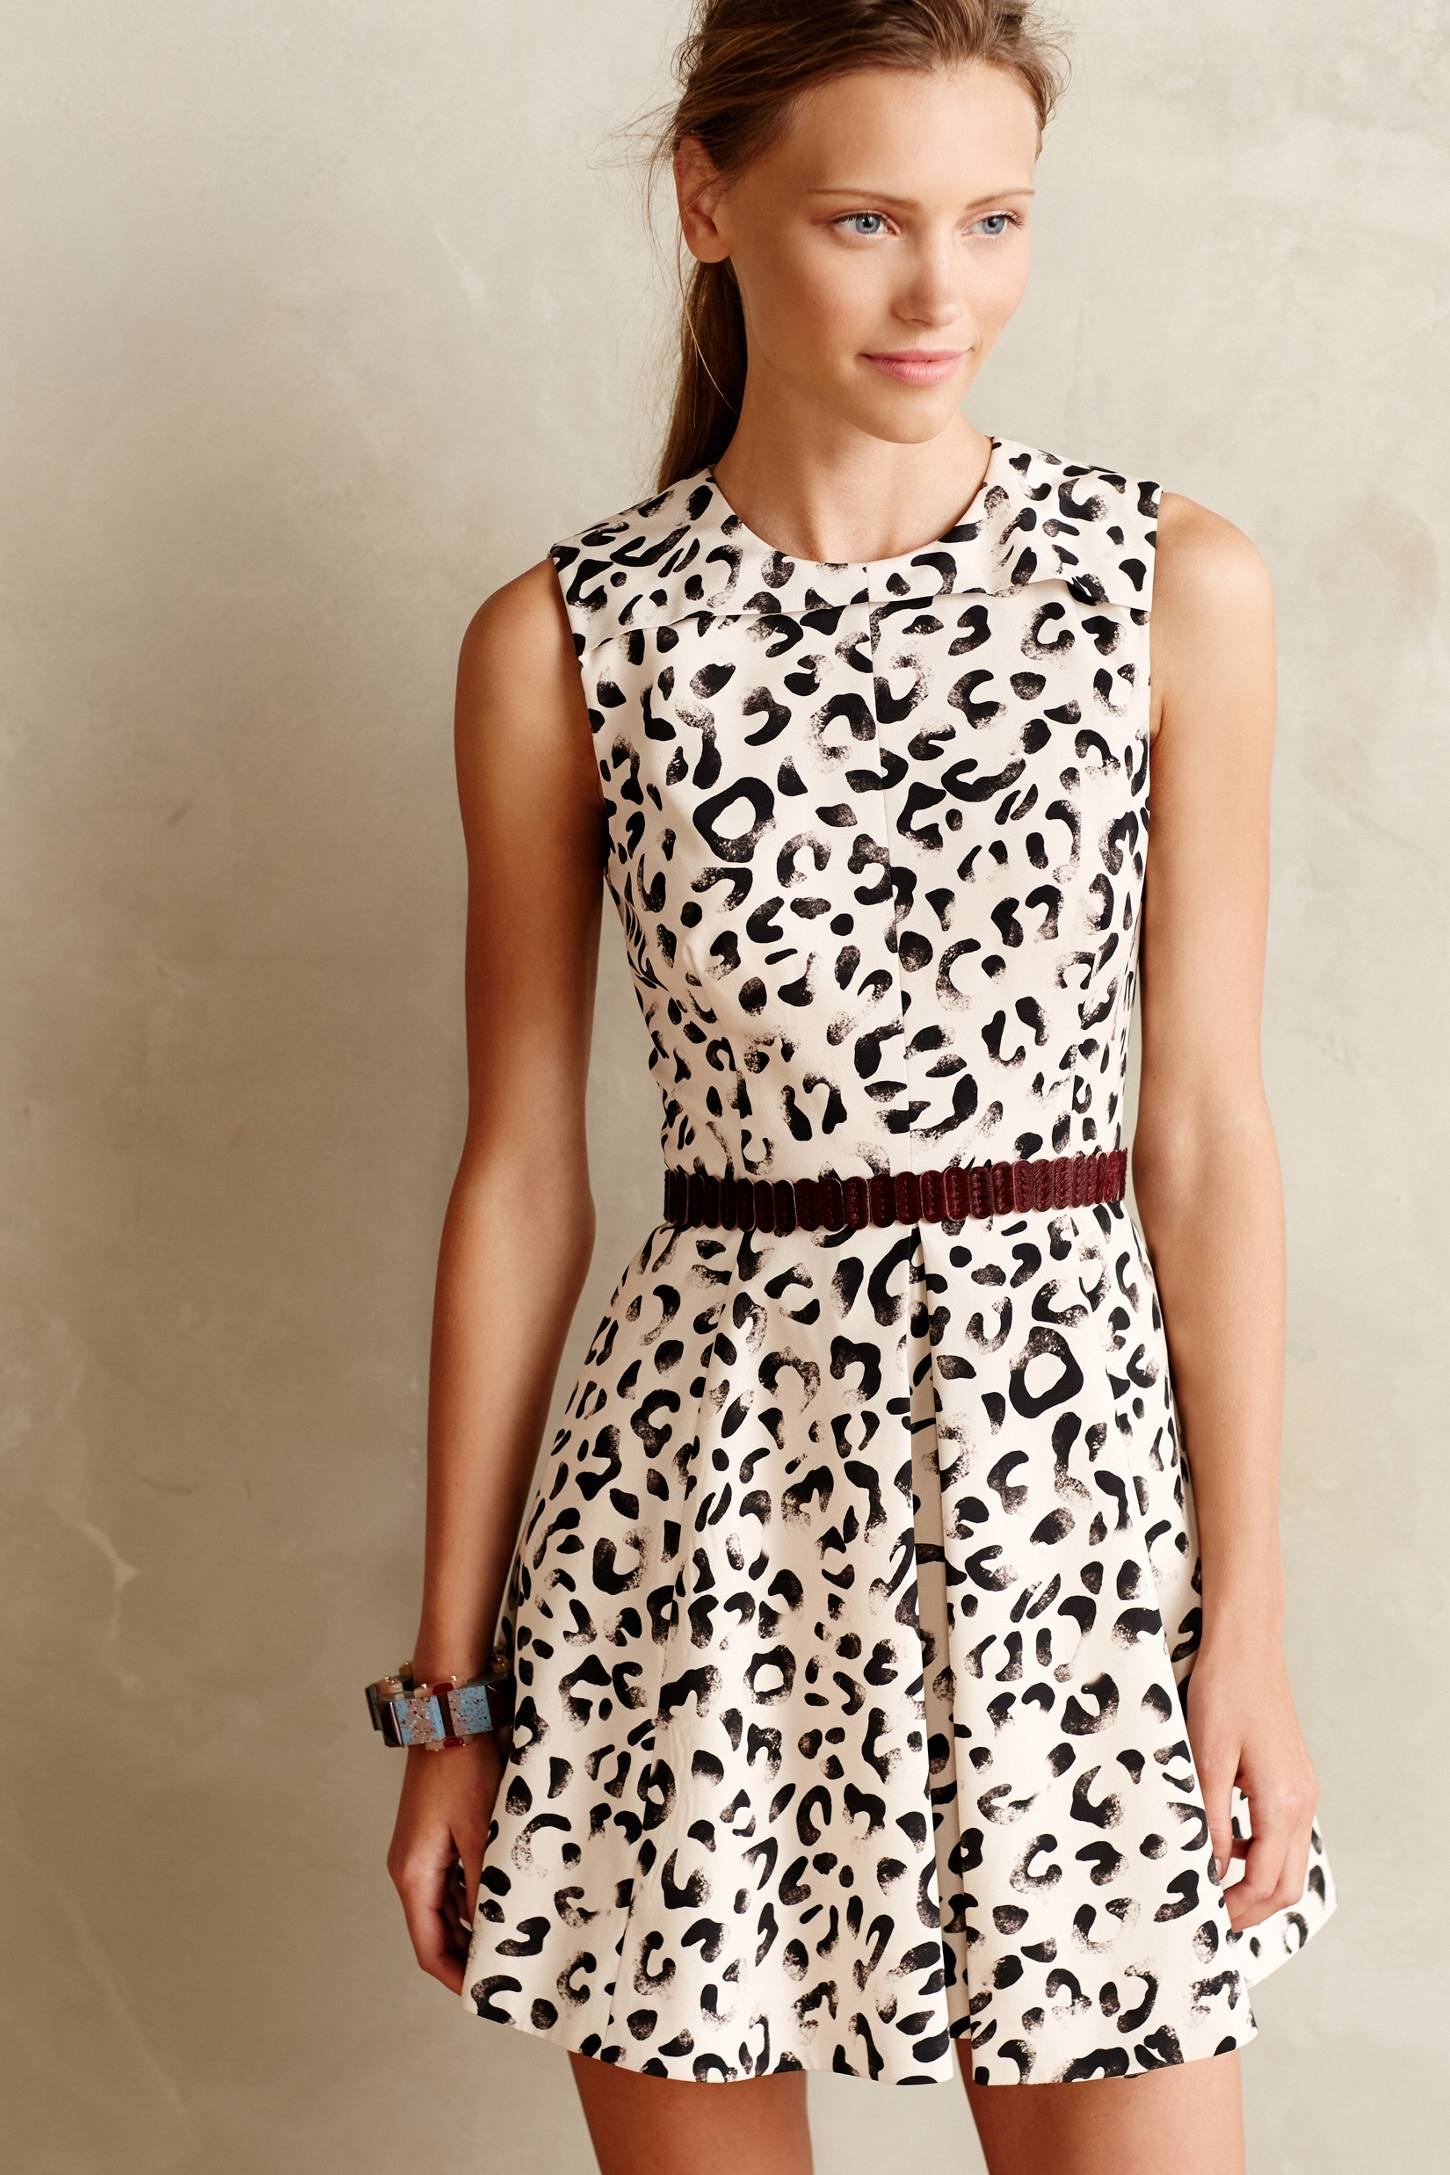 Leopop Flared Dress by Keepsake from Anthropologie | Leopard Print Fall 2014